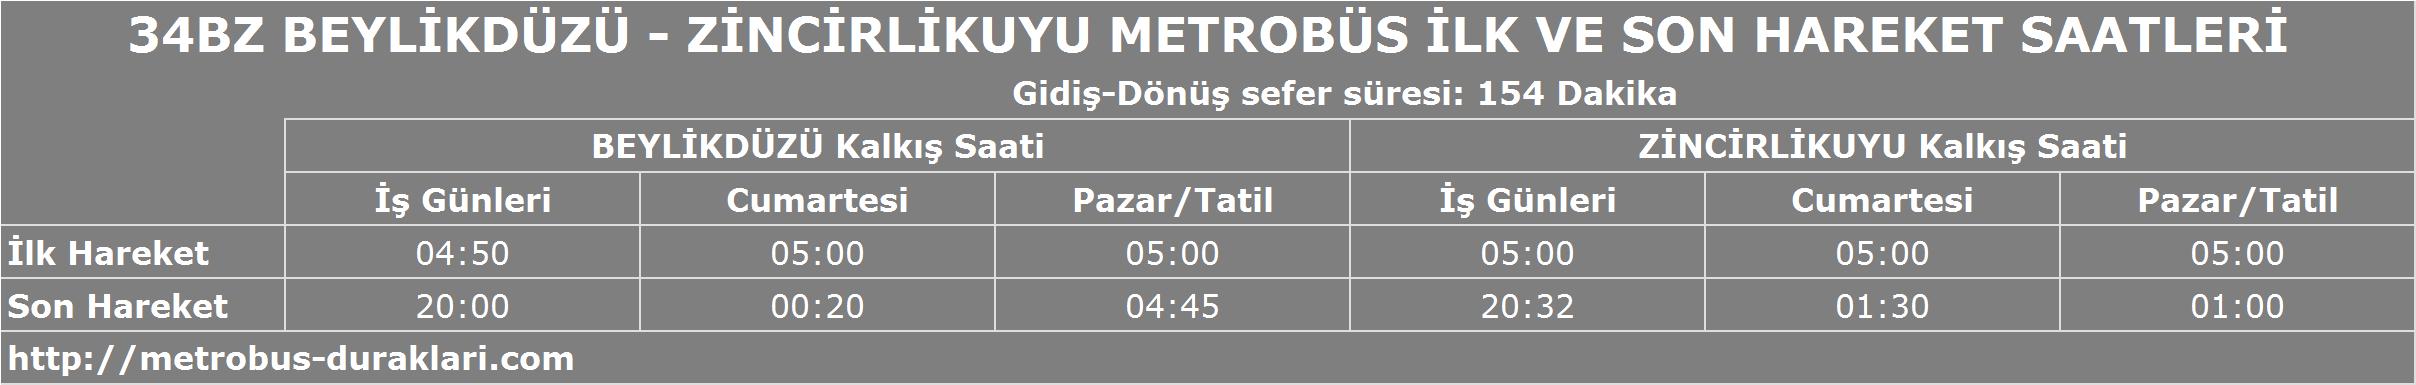 34bz metrobüs saatleri